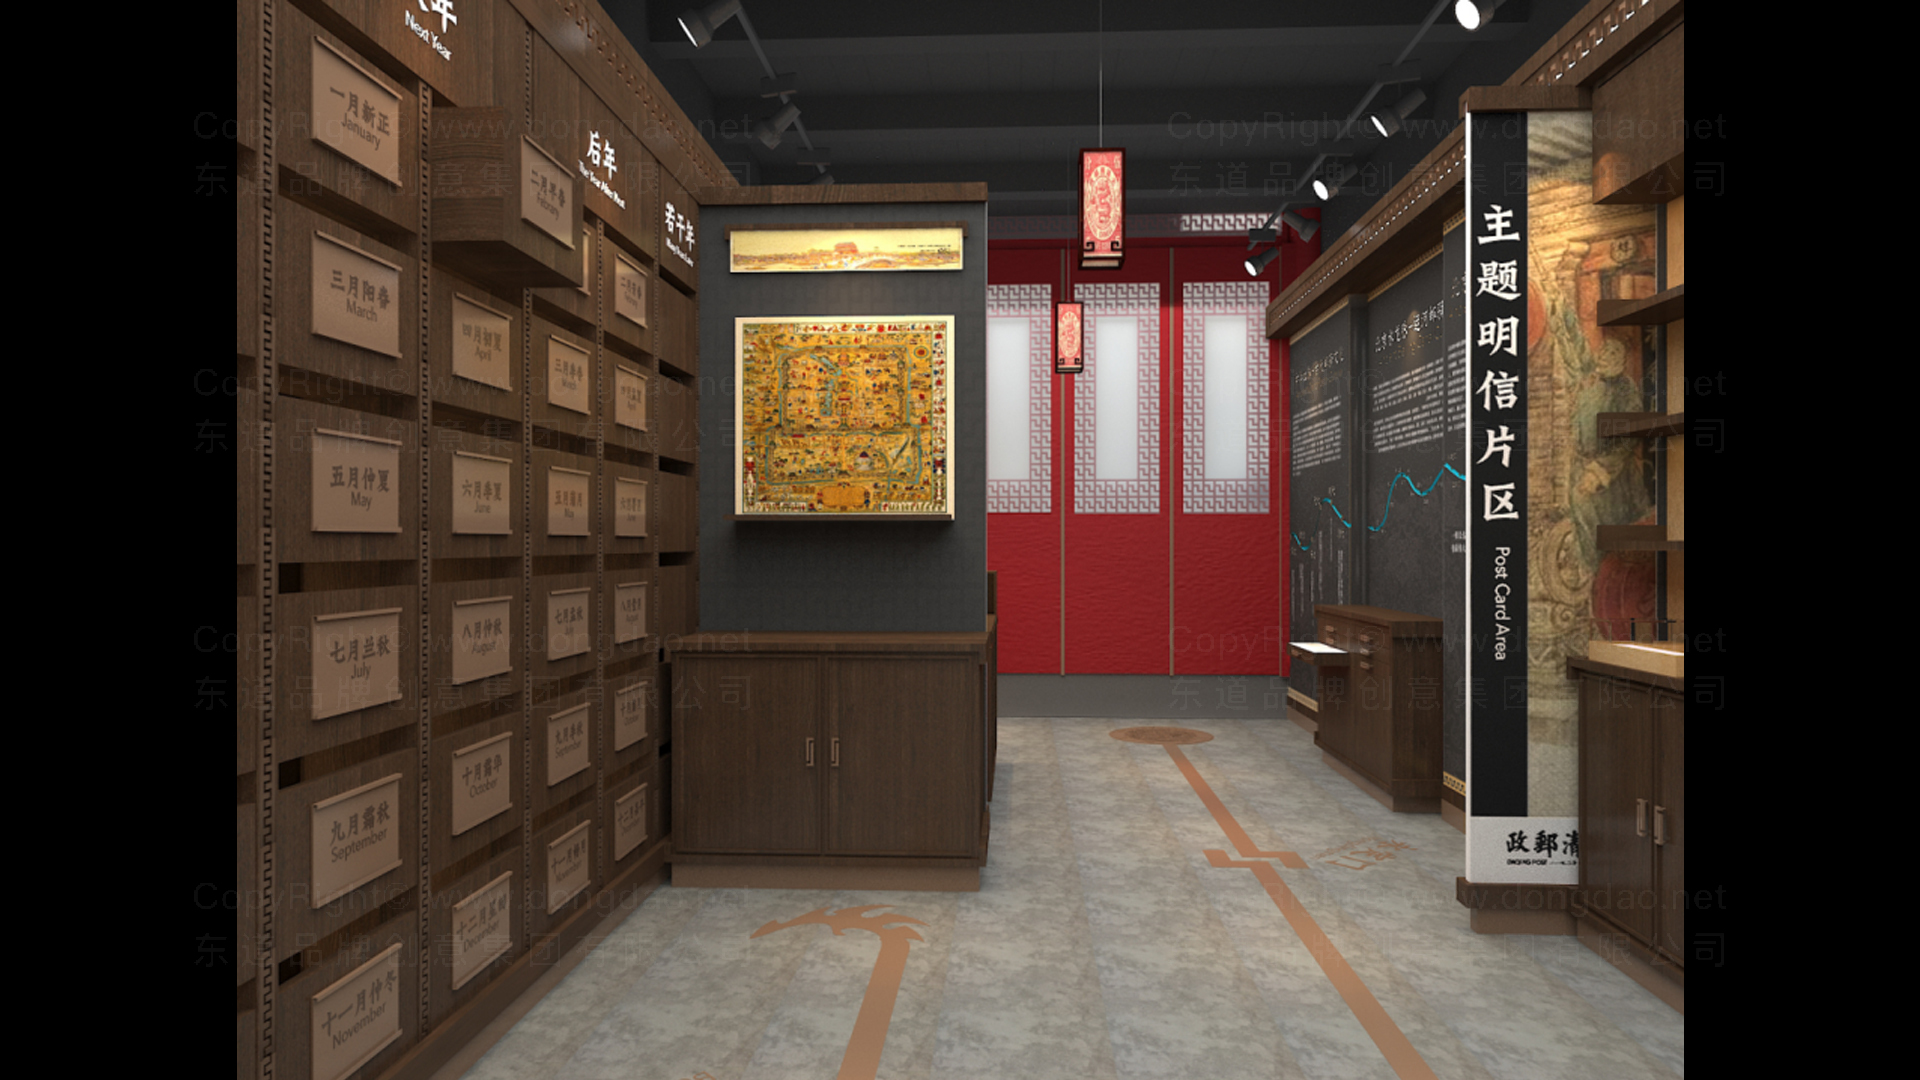 商业空间&导示大清邮政SI设计应用场景_4